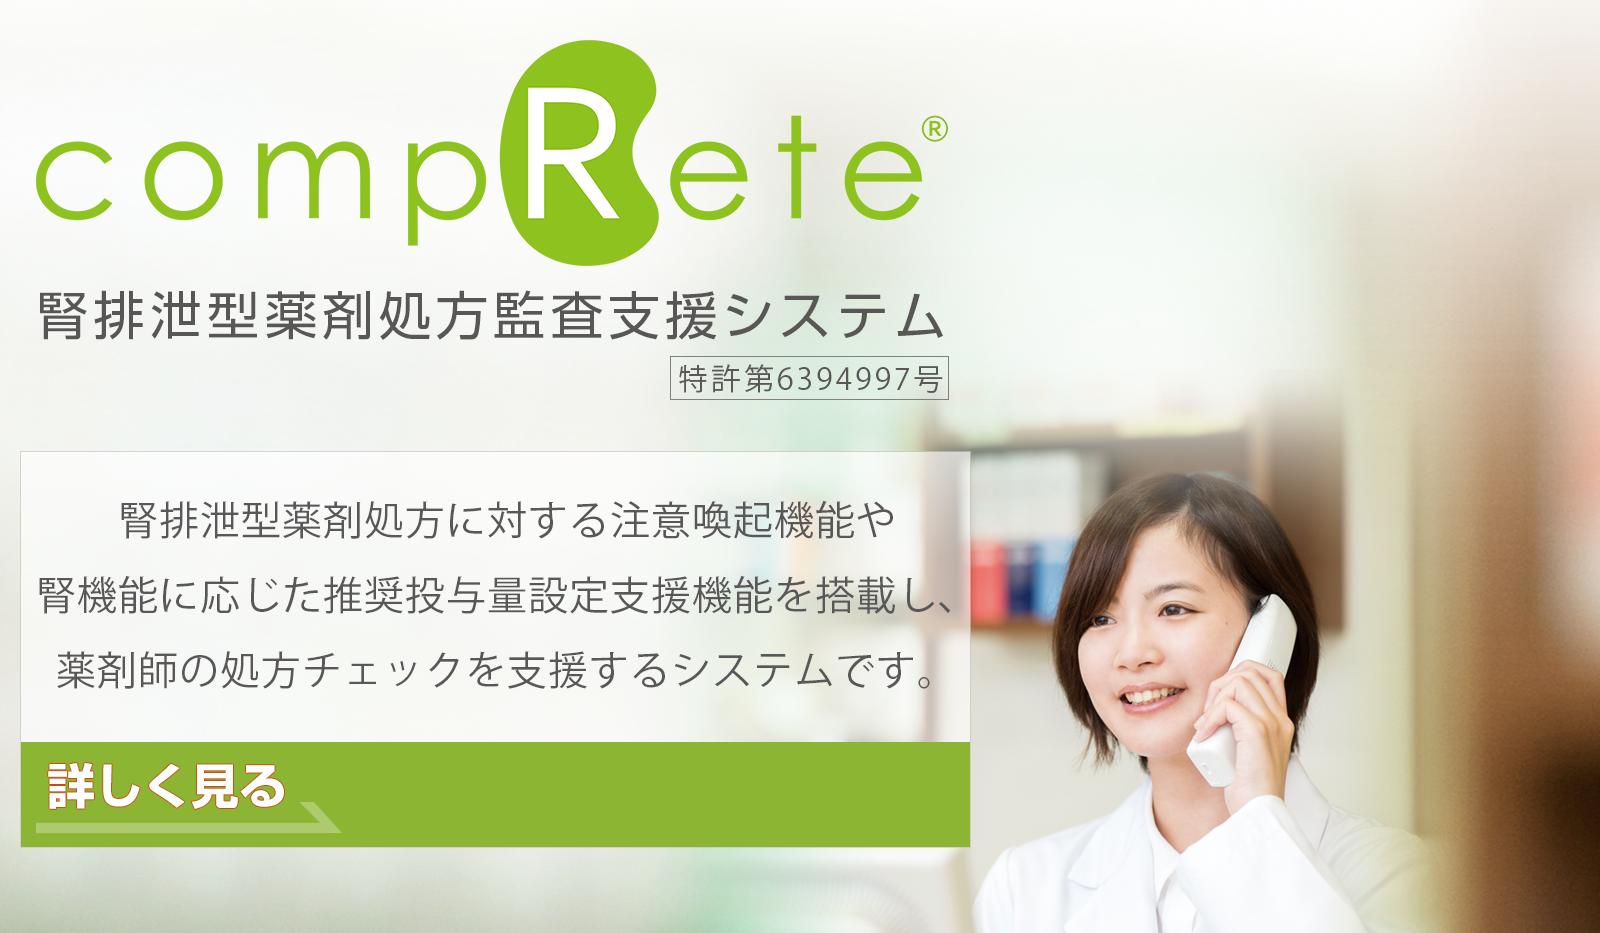 compReteホームページへ